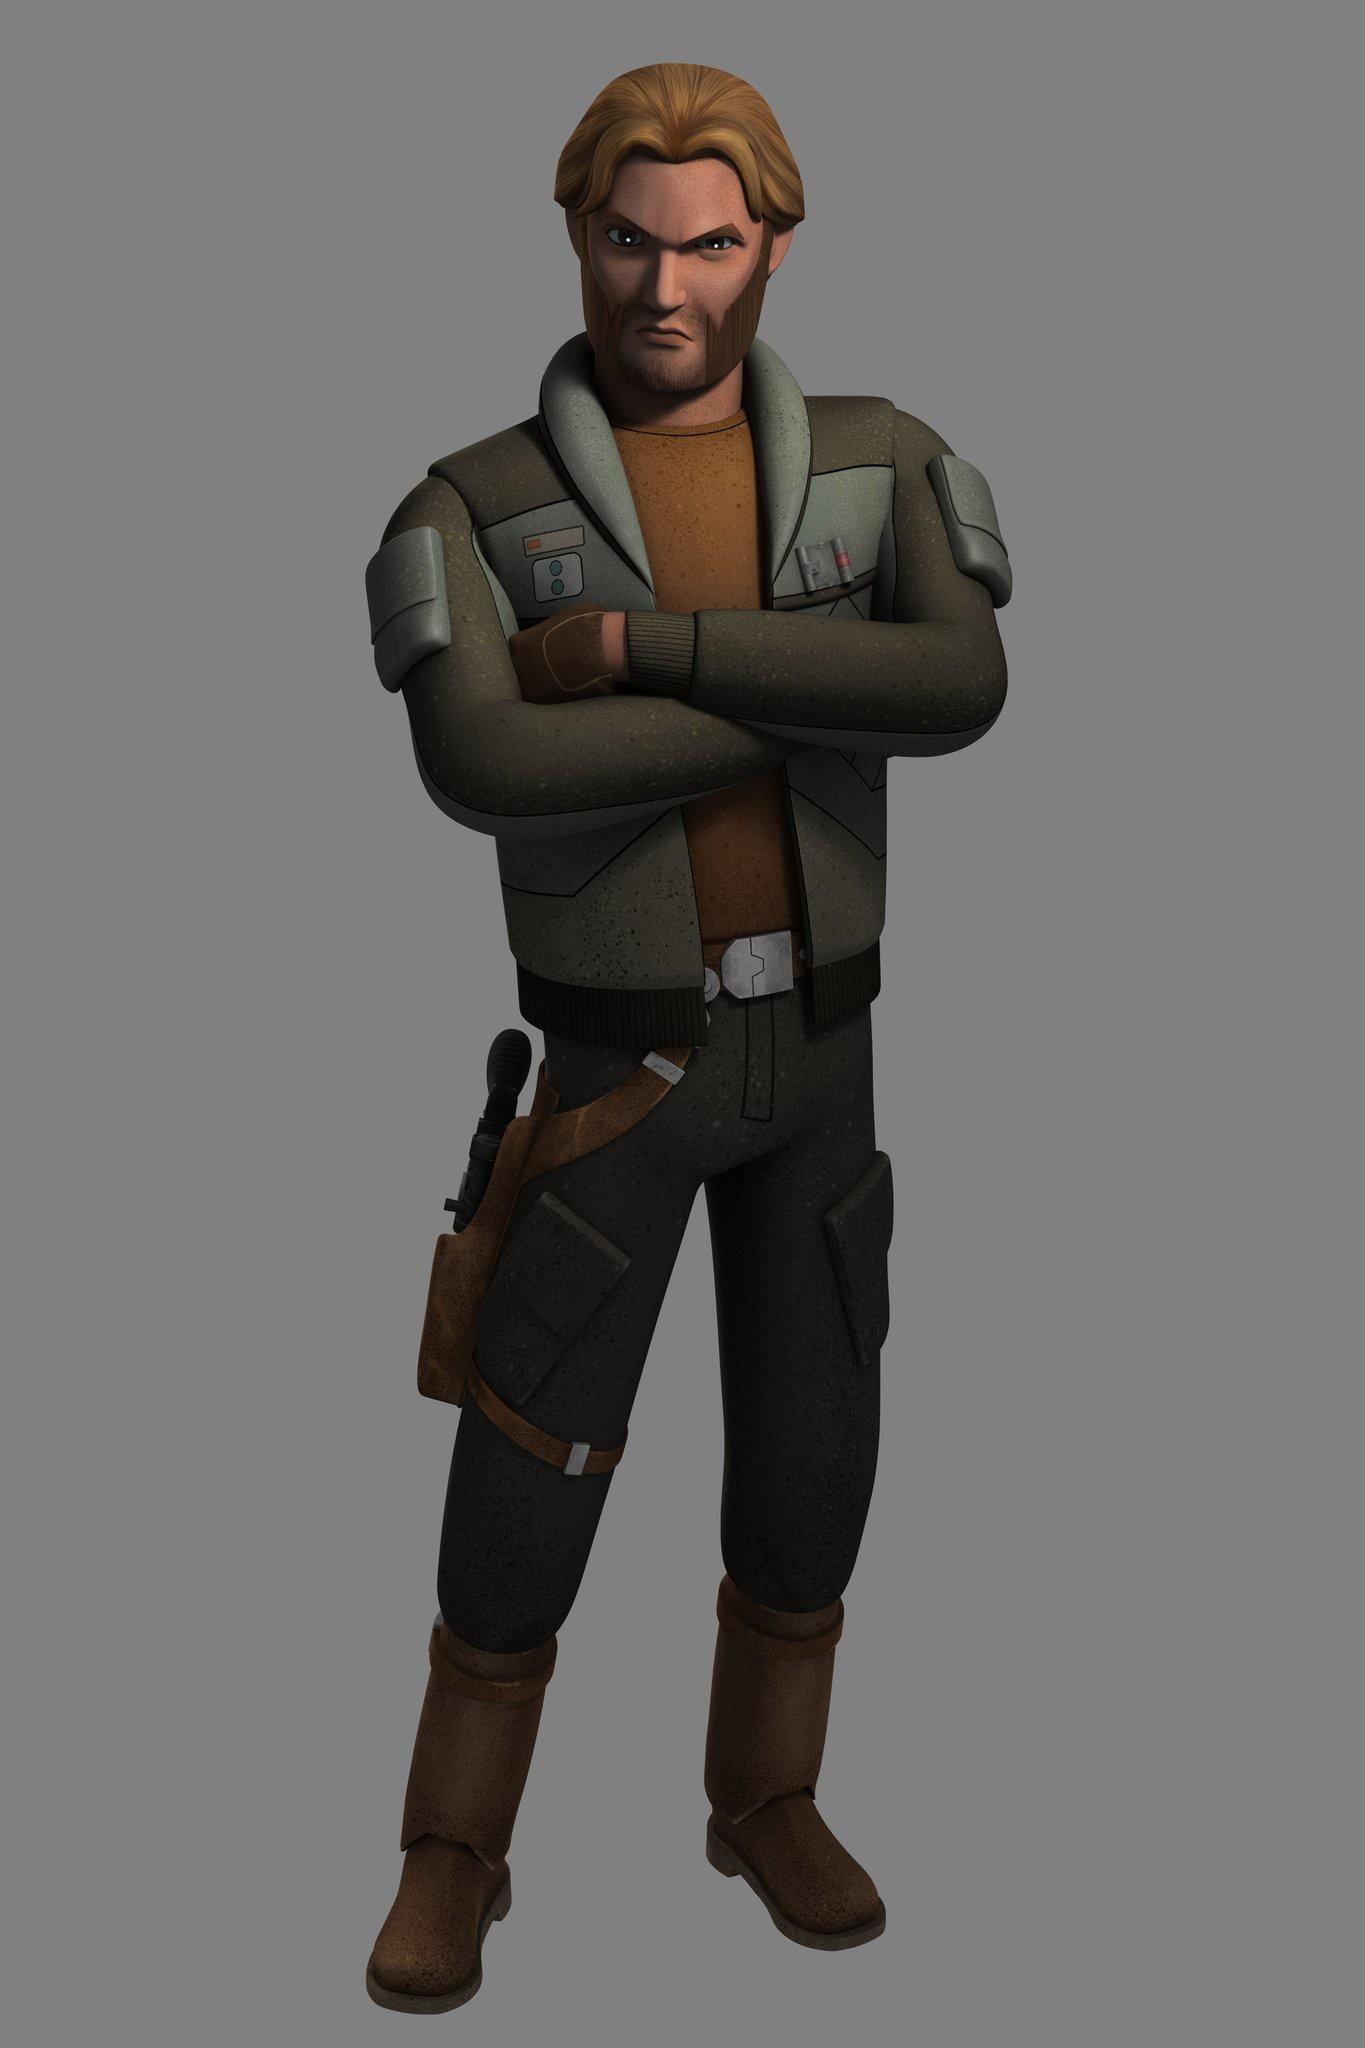 Alexsandr Kallus | Star Wars Rebels Wiki | FANDOM powered by Wikia